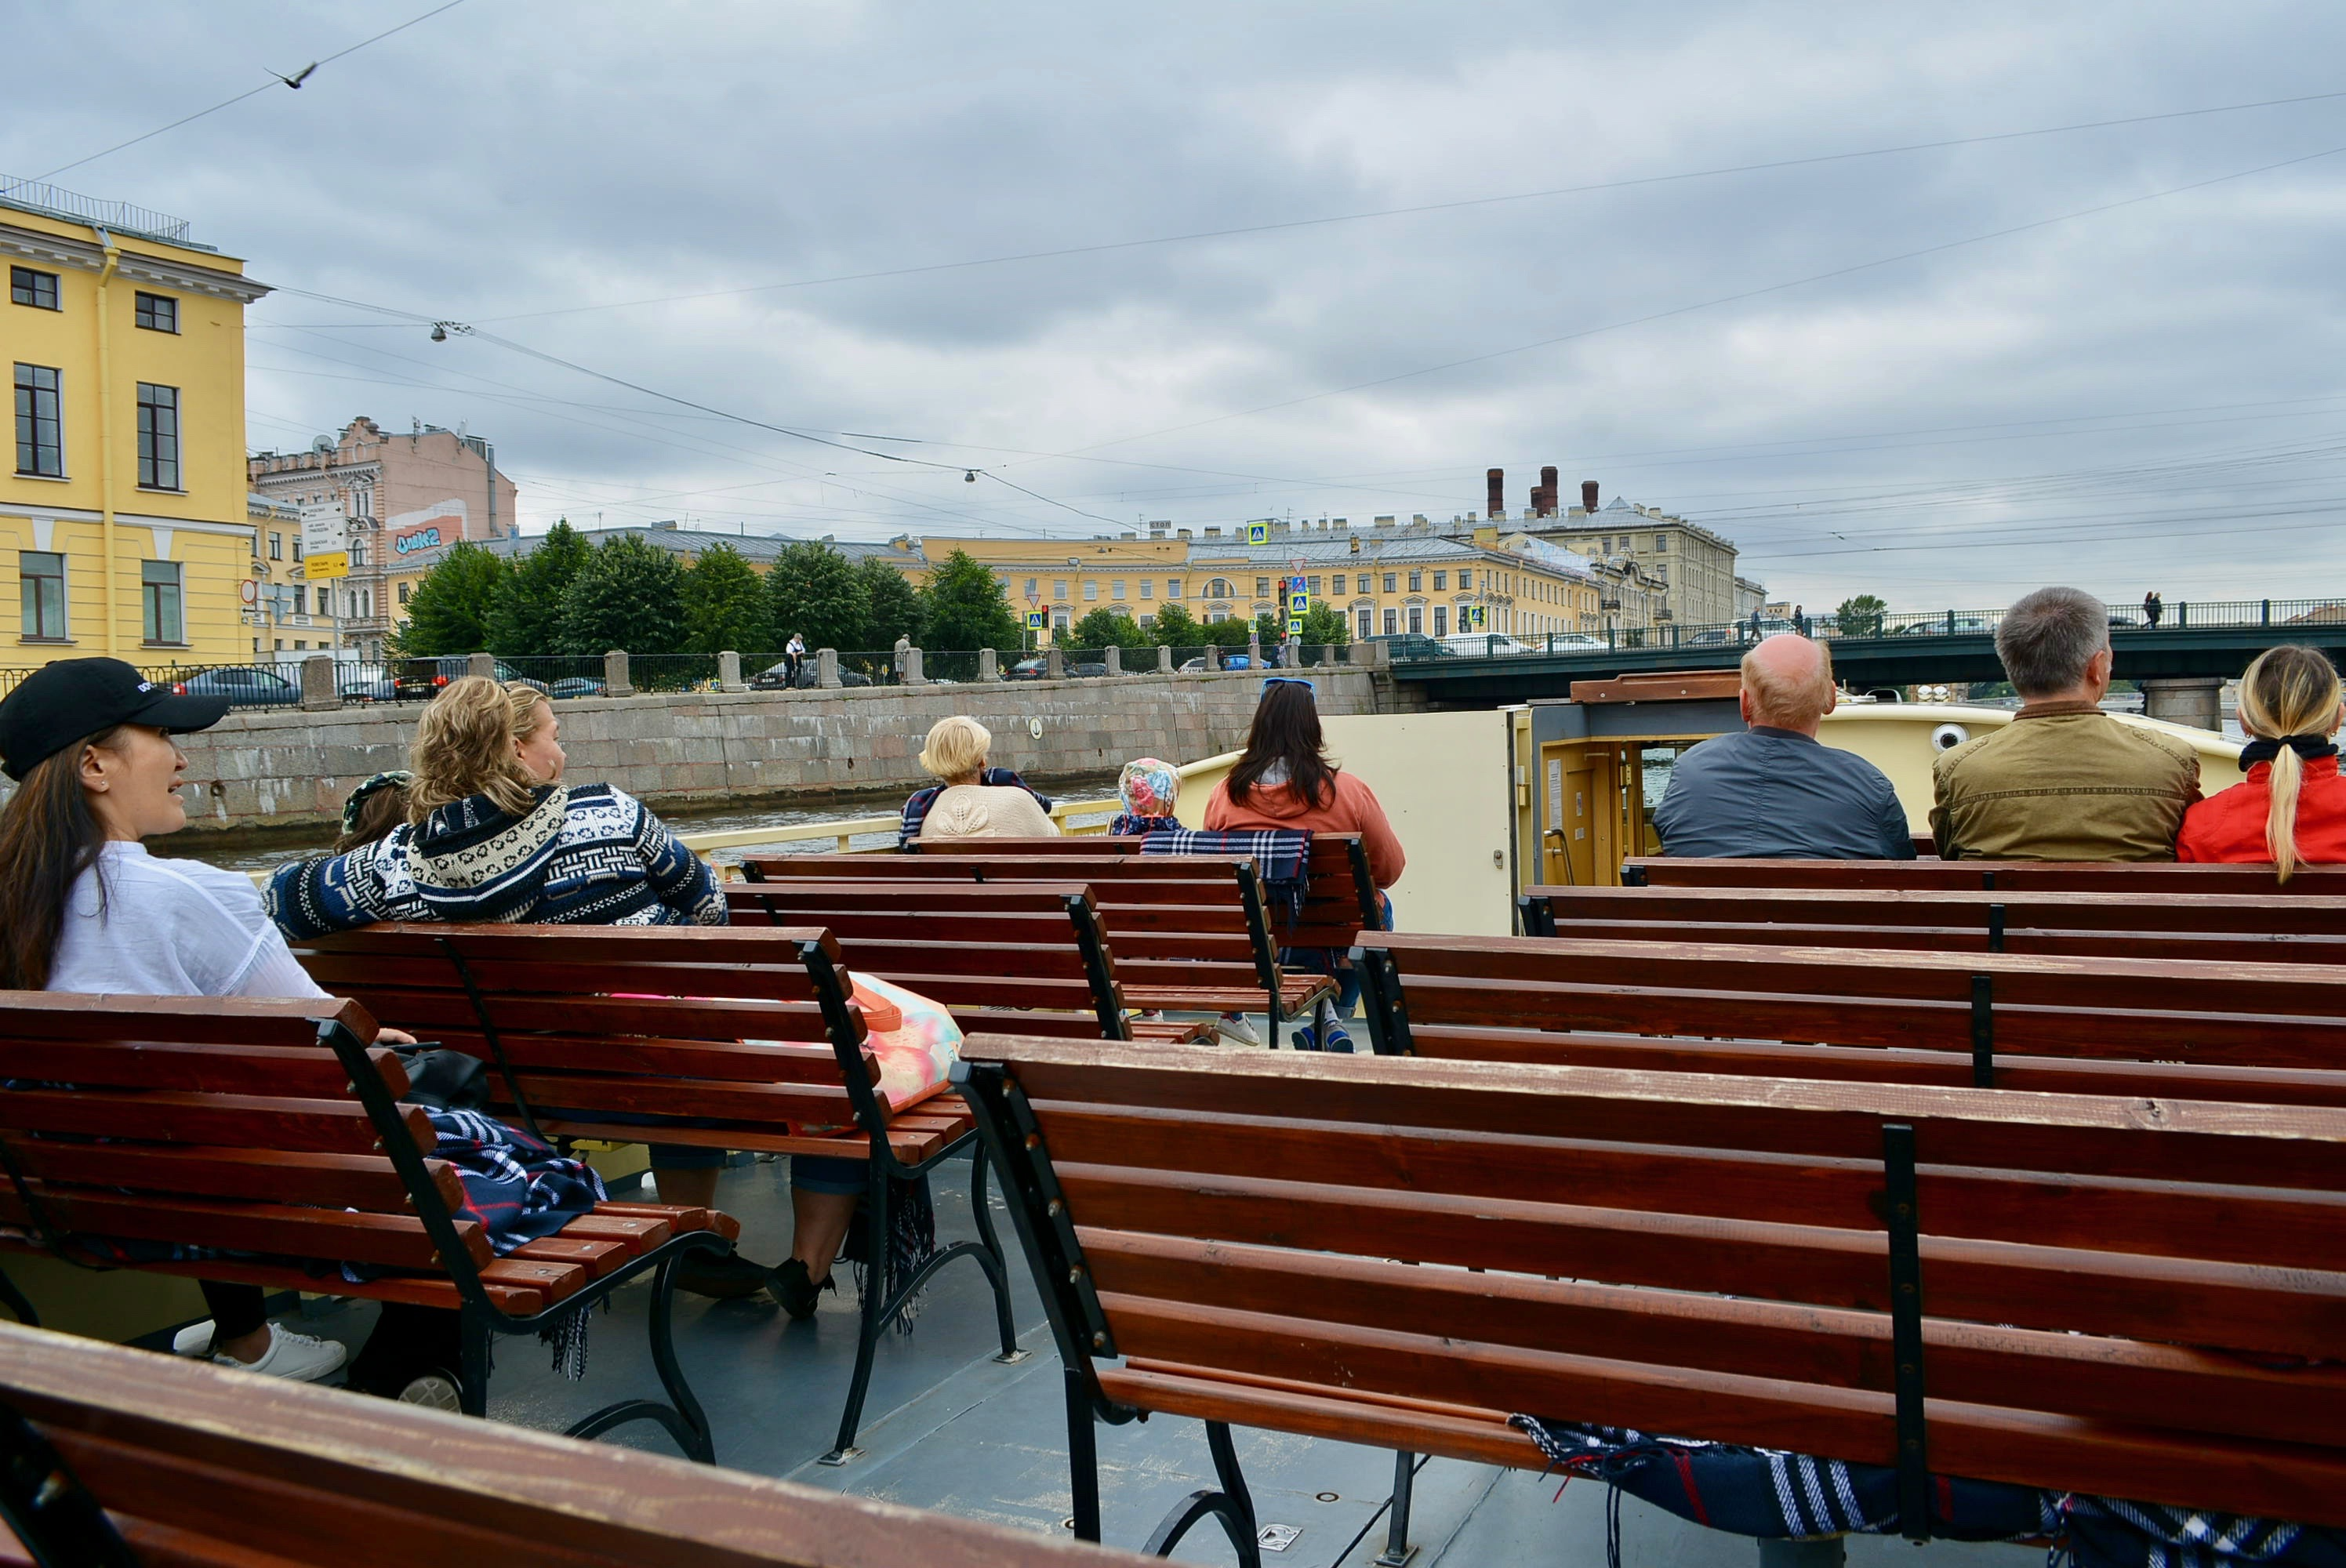 遊客可乘坐遊覽船,沿河欣賞聖彼得堡風光。